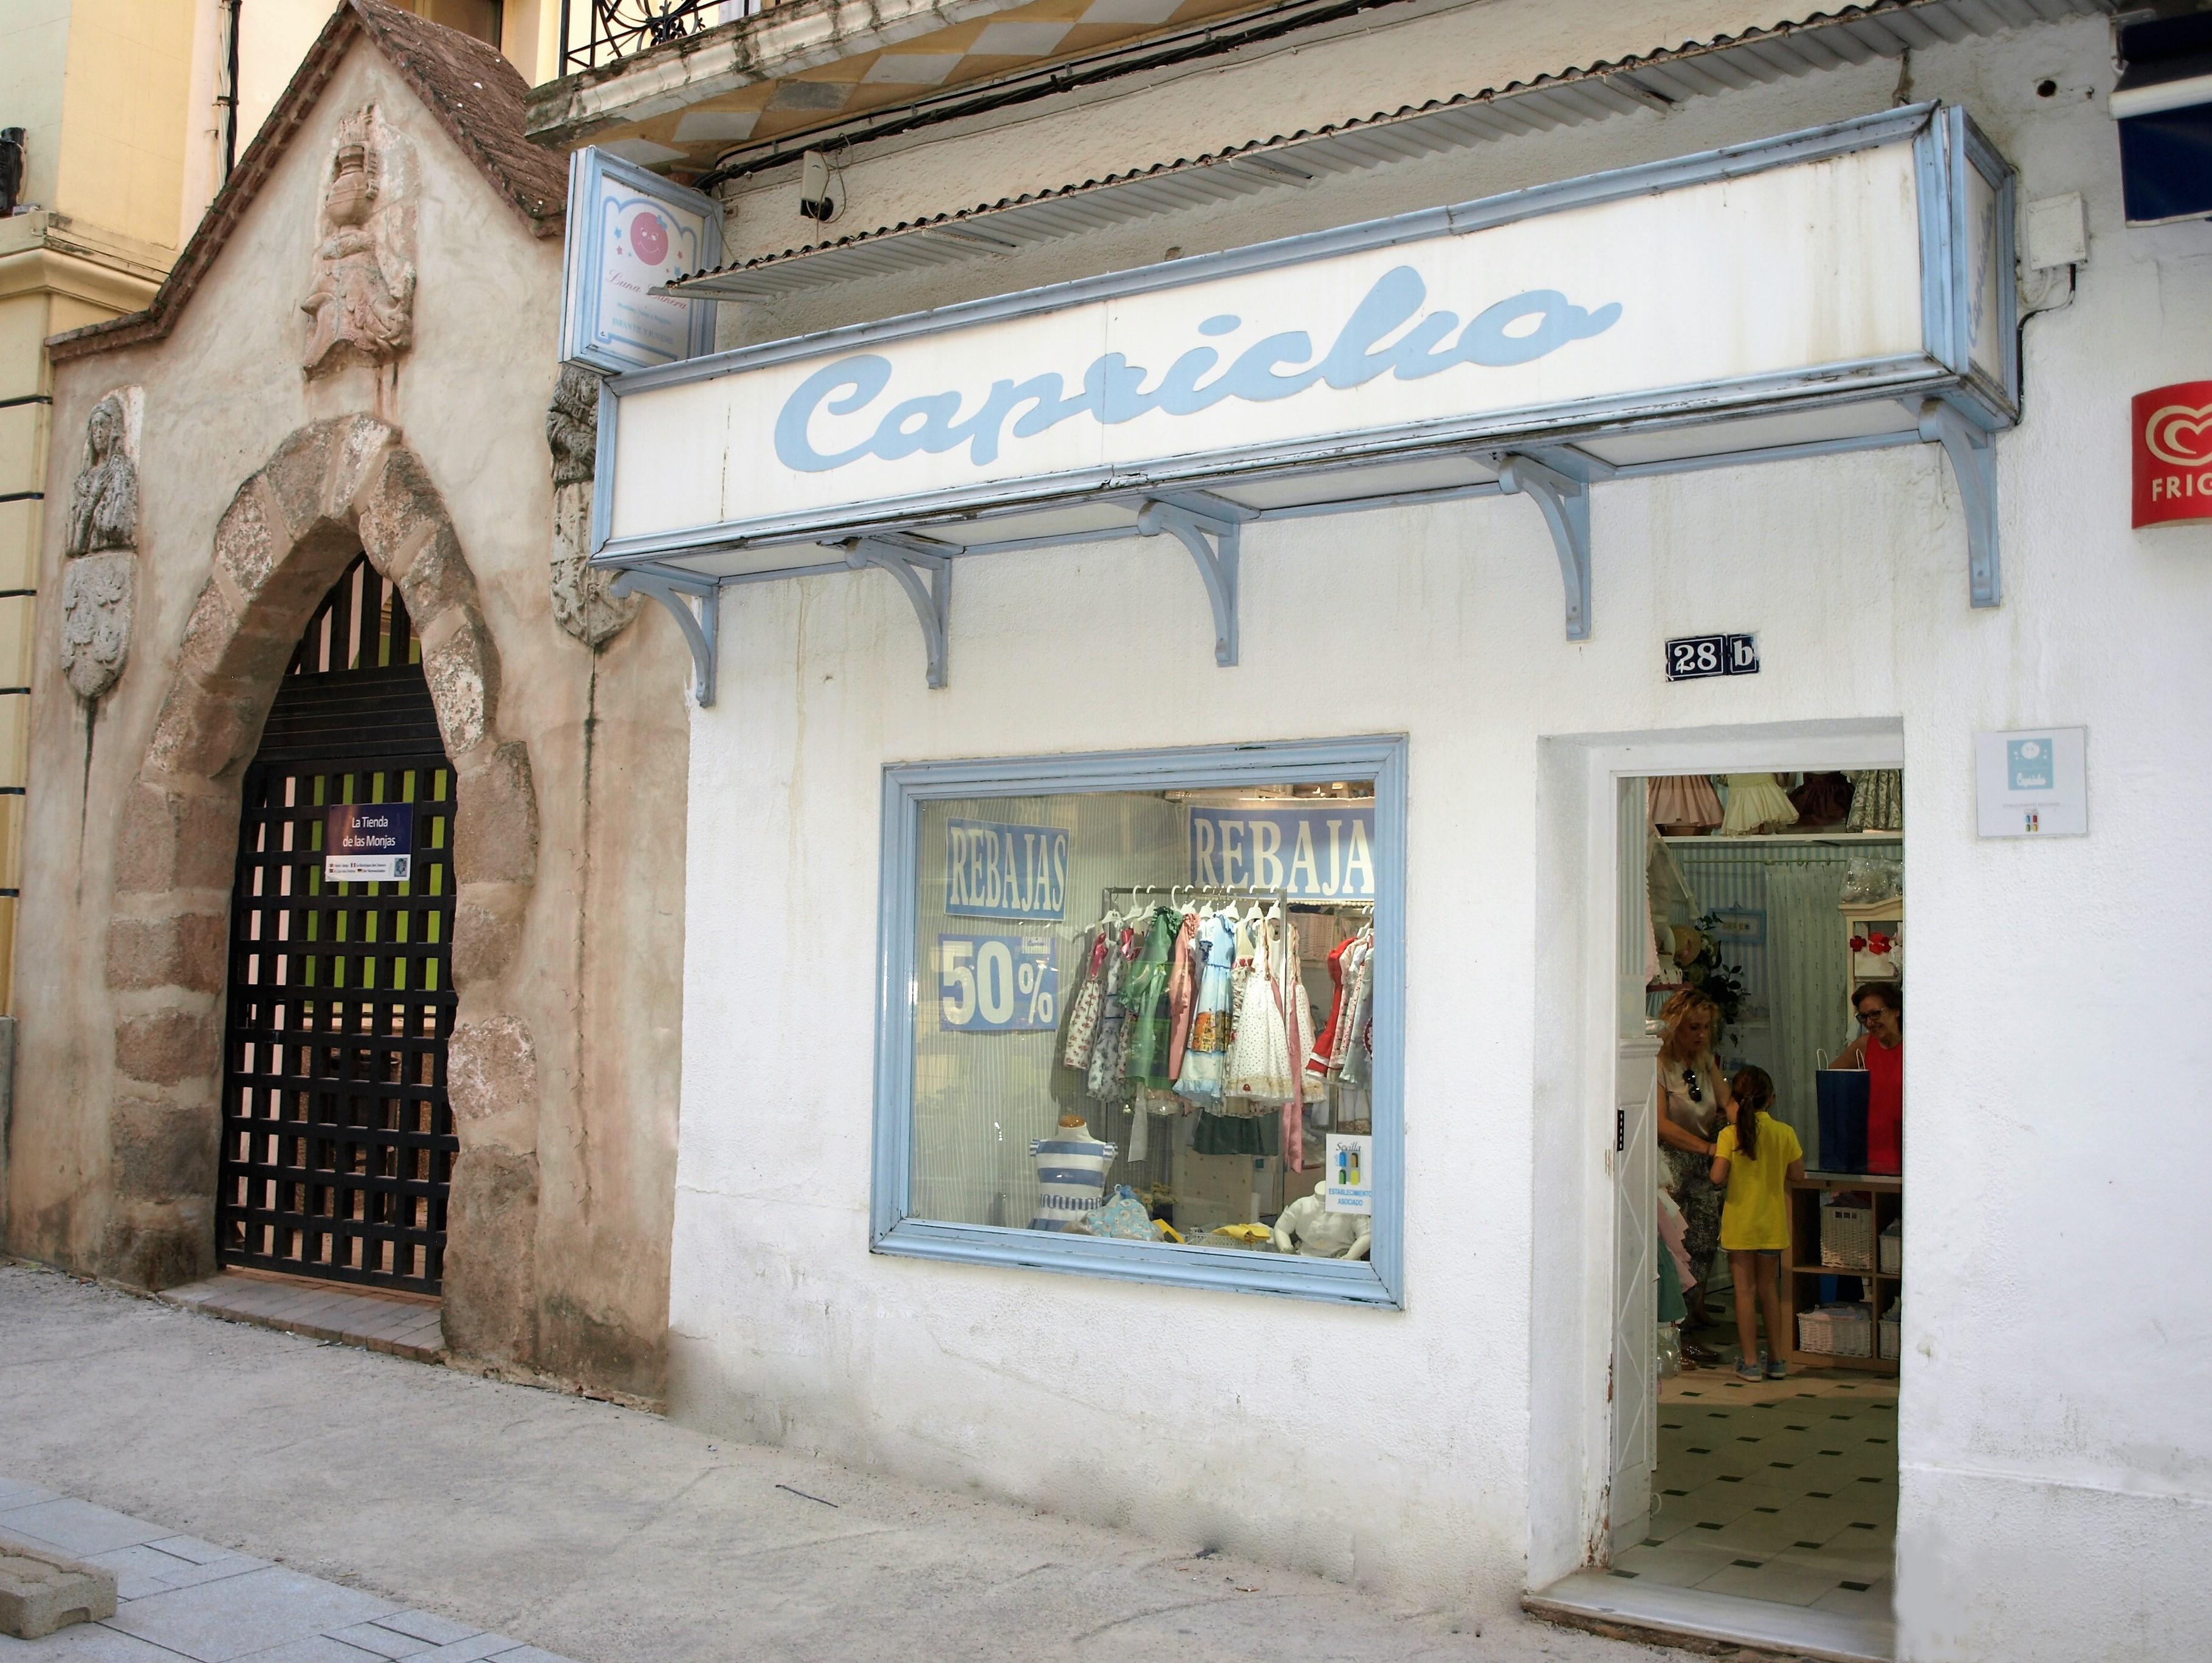 España Moda Infantil Bebe Niñ@ en Zafra Capricho